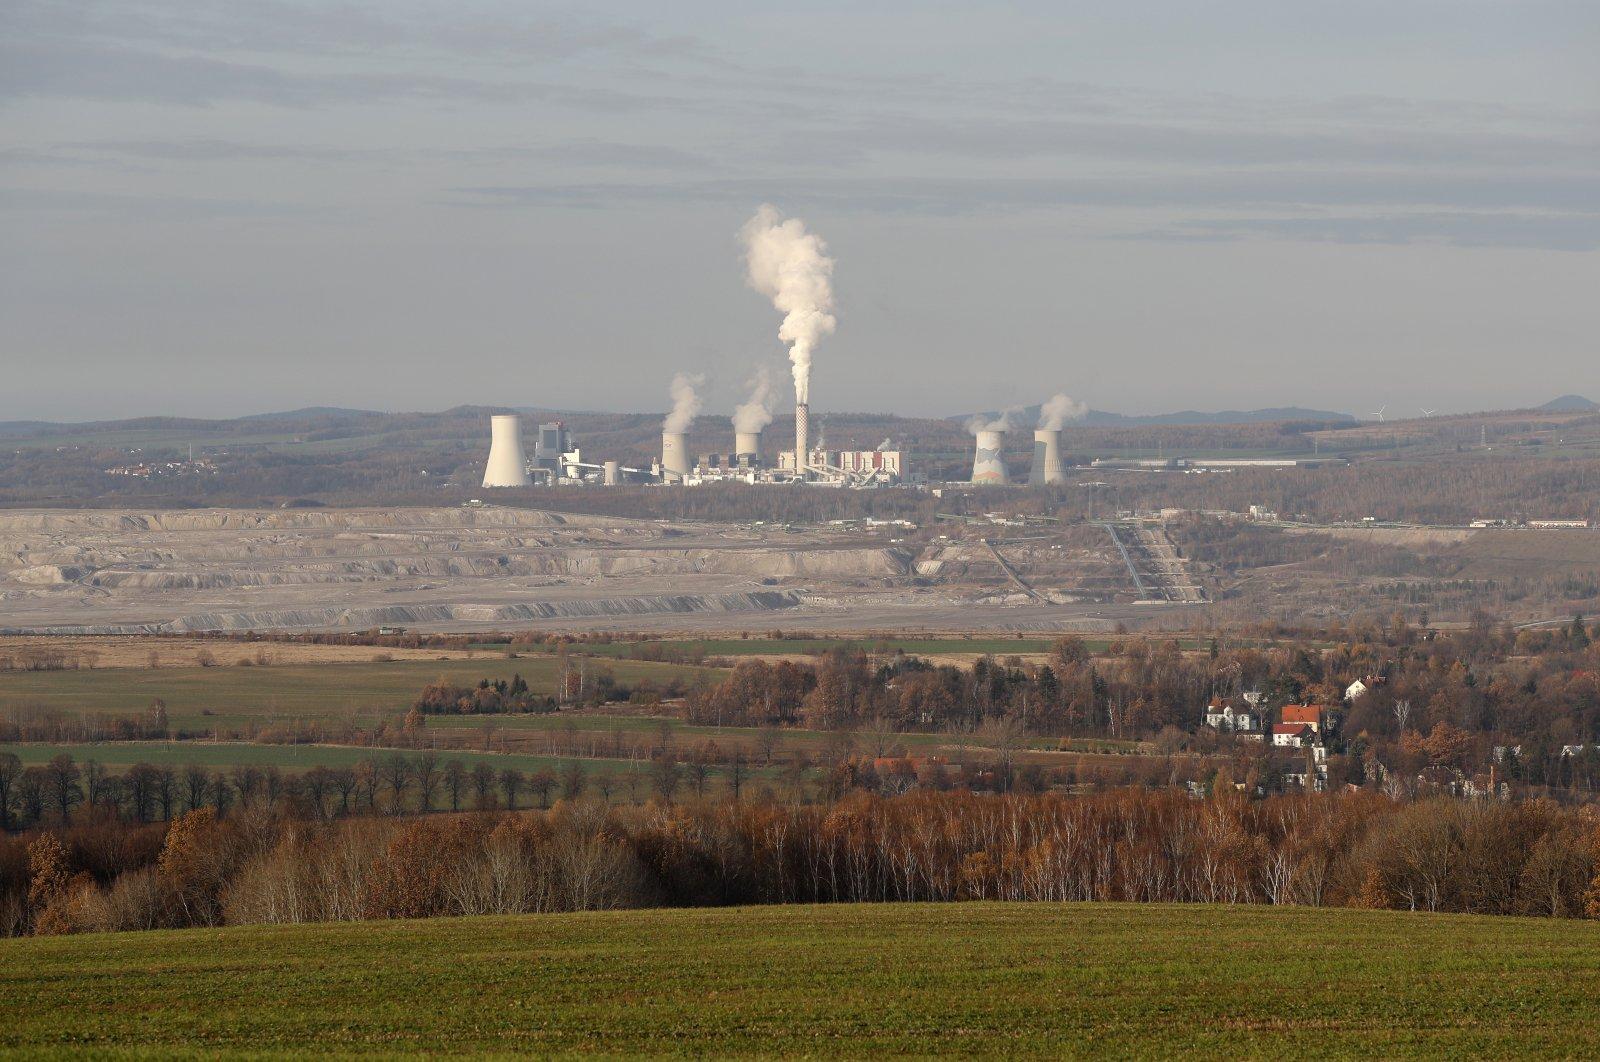 The Turow lignite coal mine and Turow power plant near the town of Bogatynia, Poland, Nov. 19, 2019. (AP Photo)